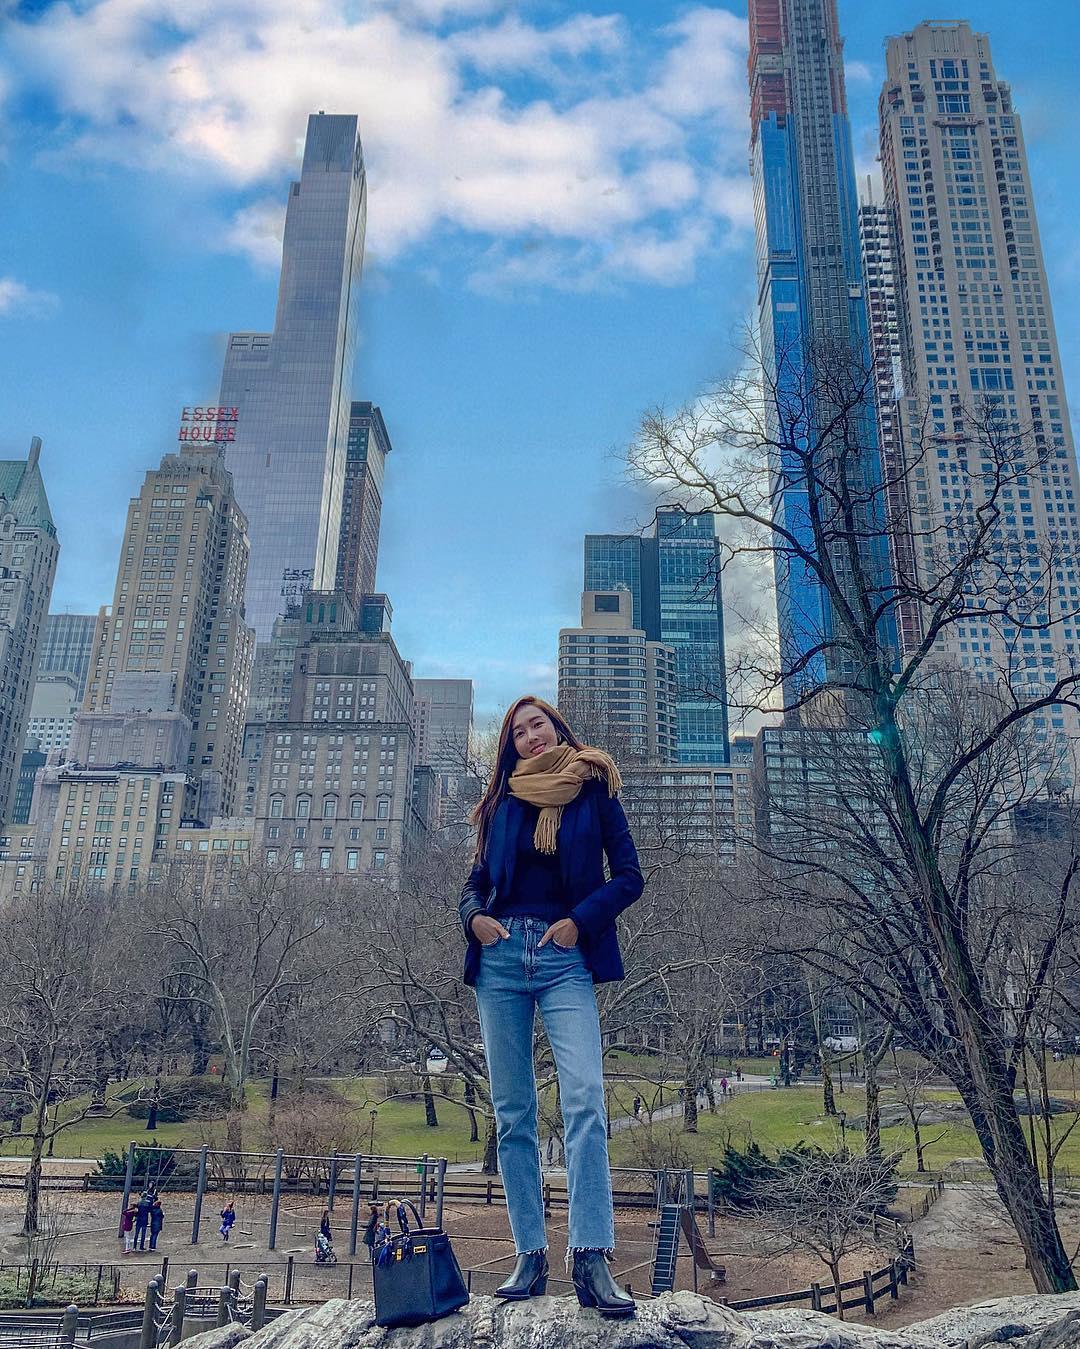 [分享]190214 巨大都市中的小小身影 郑秀妍在高楼大厦中拍出逆天大长腿